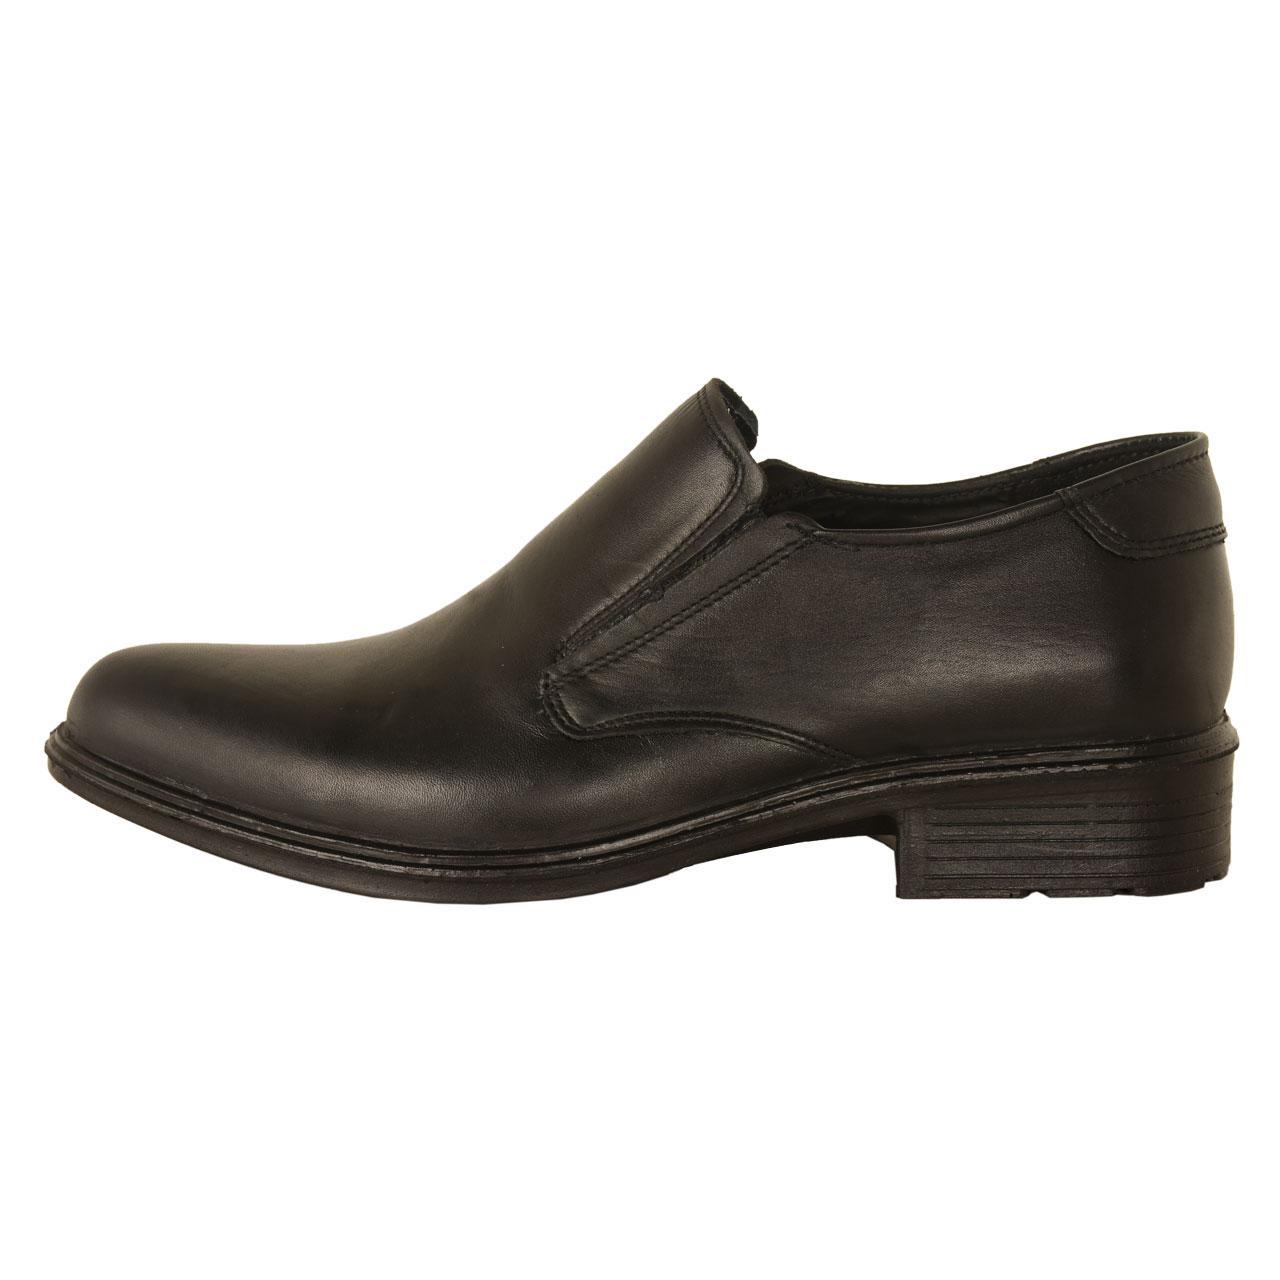 کفش مردانه پارینه مدل SHO132